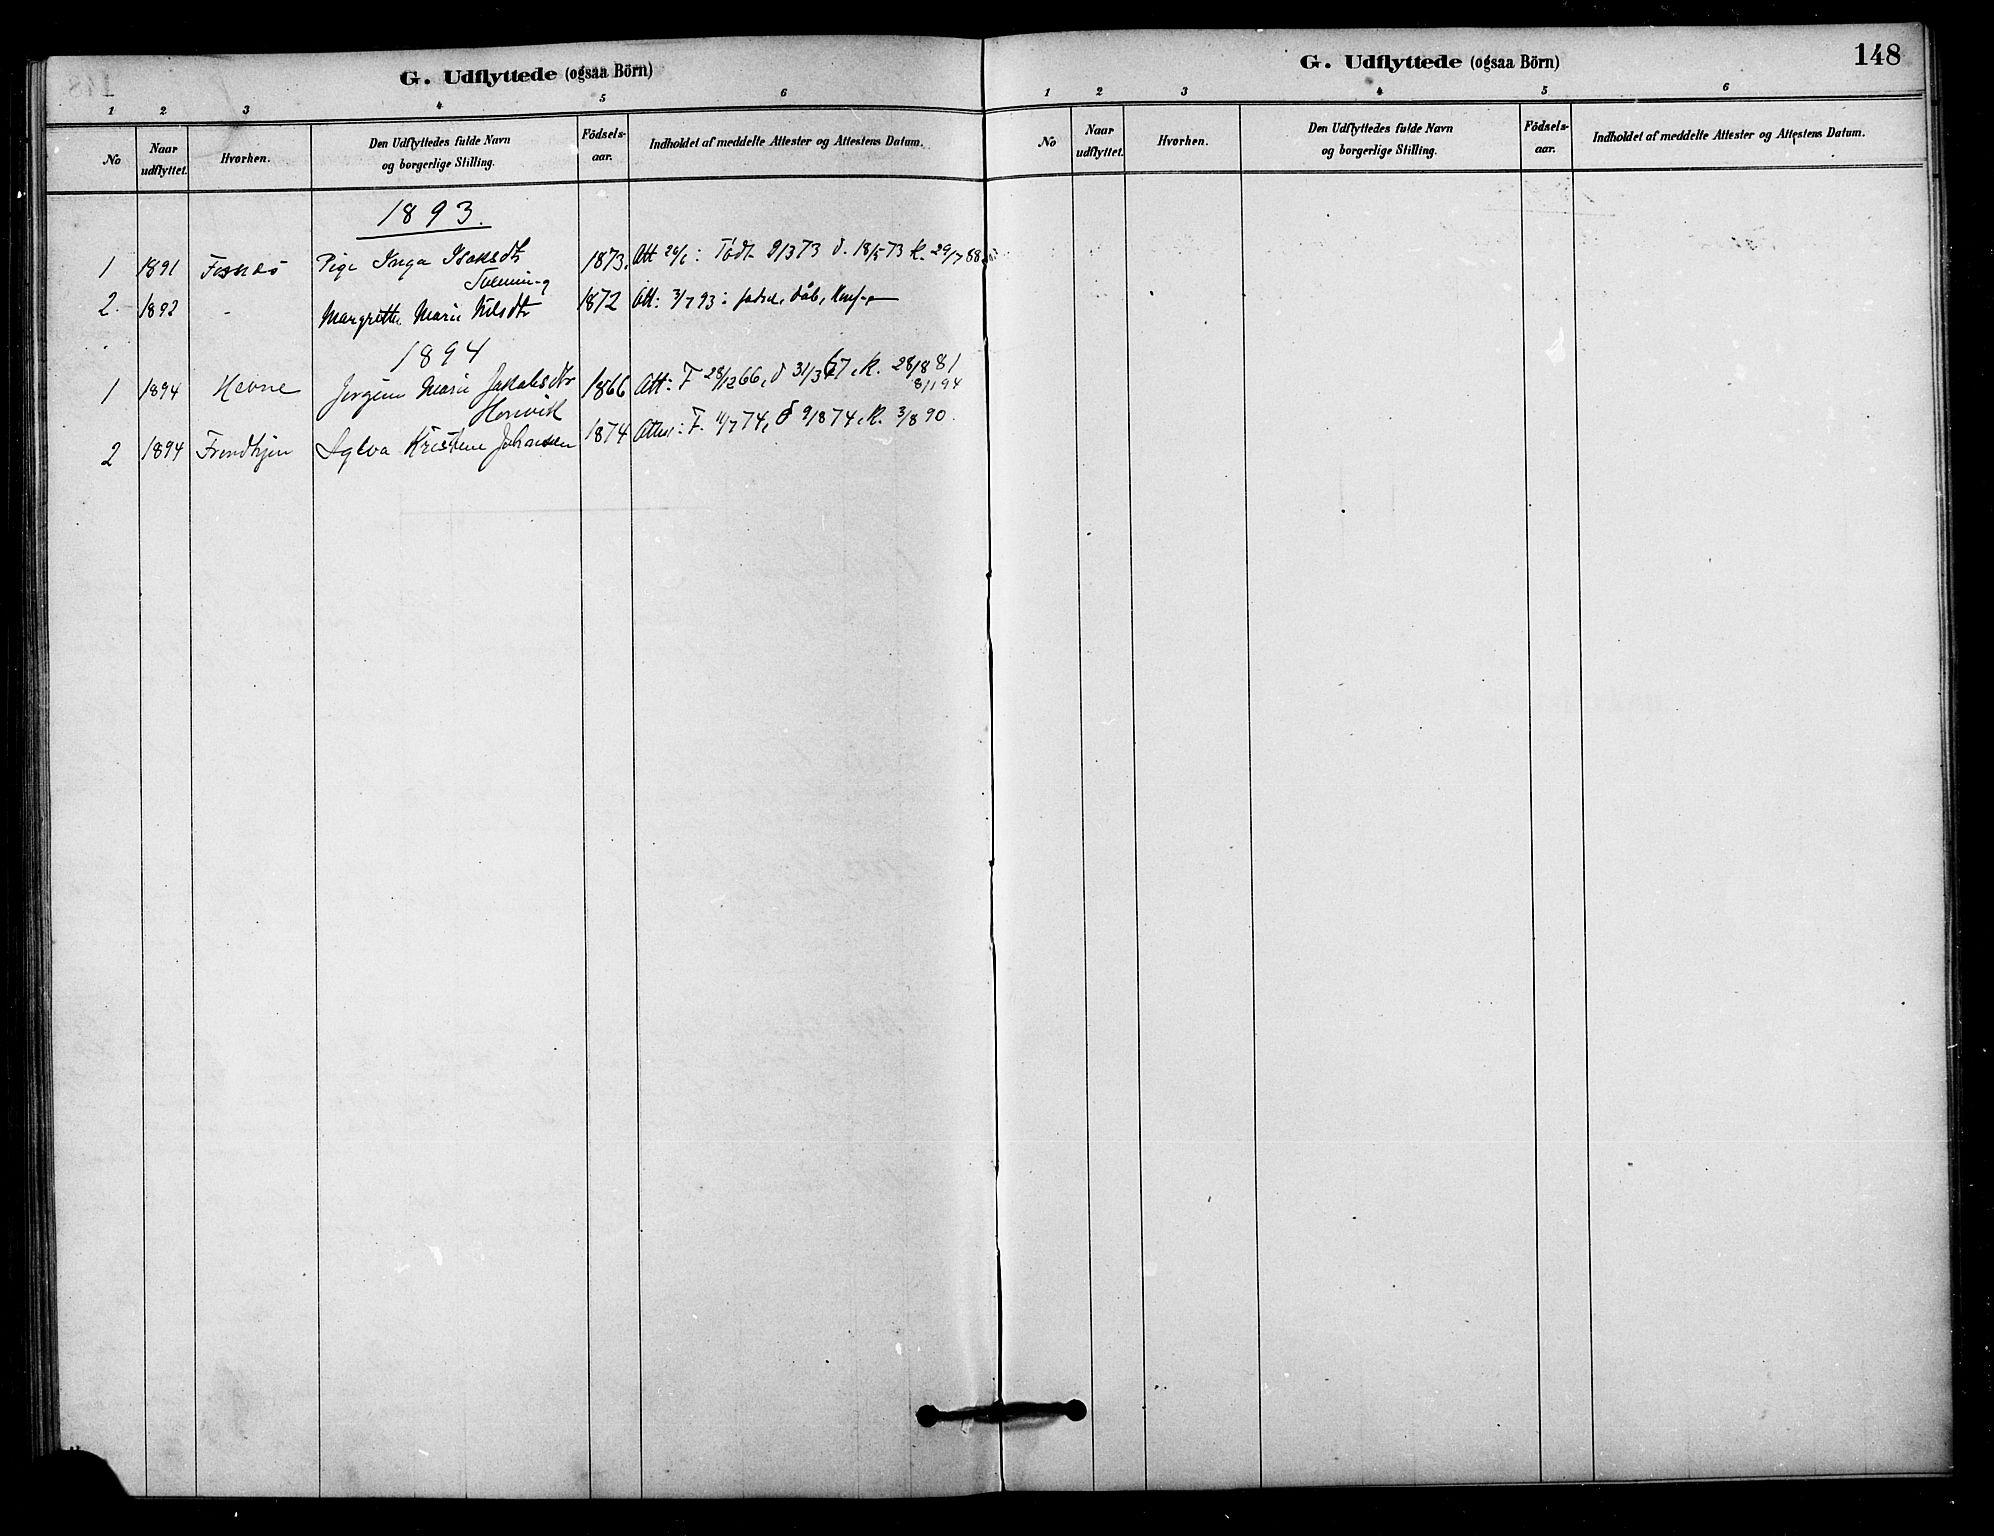 SAT, Ministerialprotokoller, klokkerbøker og fødselsregistre - Sør-Trøndelag, 656/L0692: Ministerialbok nr. 656A01, 1879-1893, s. 148